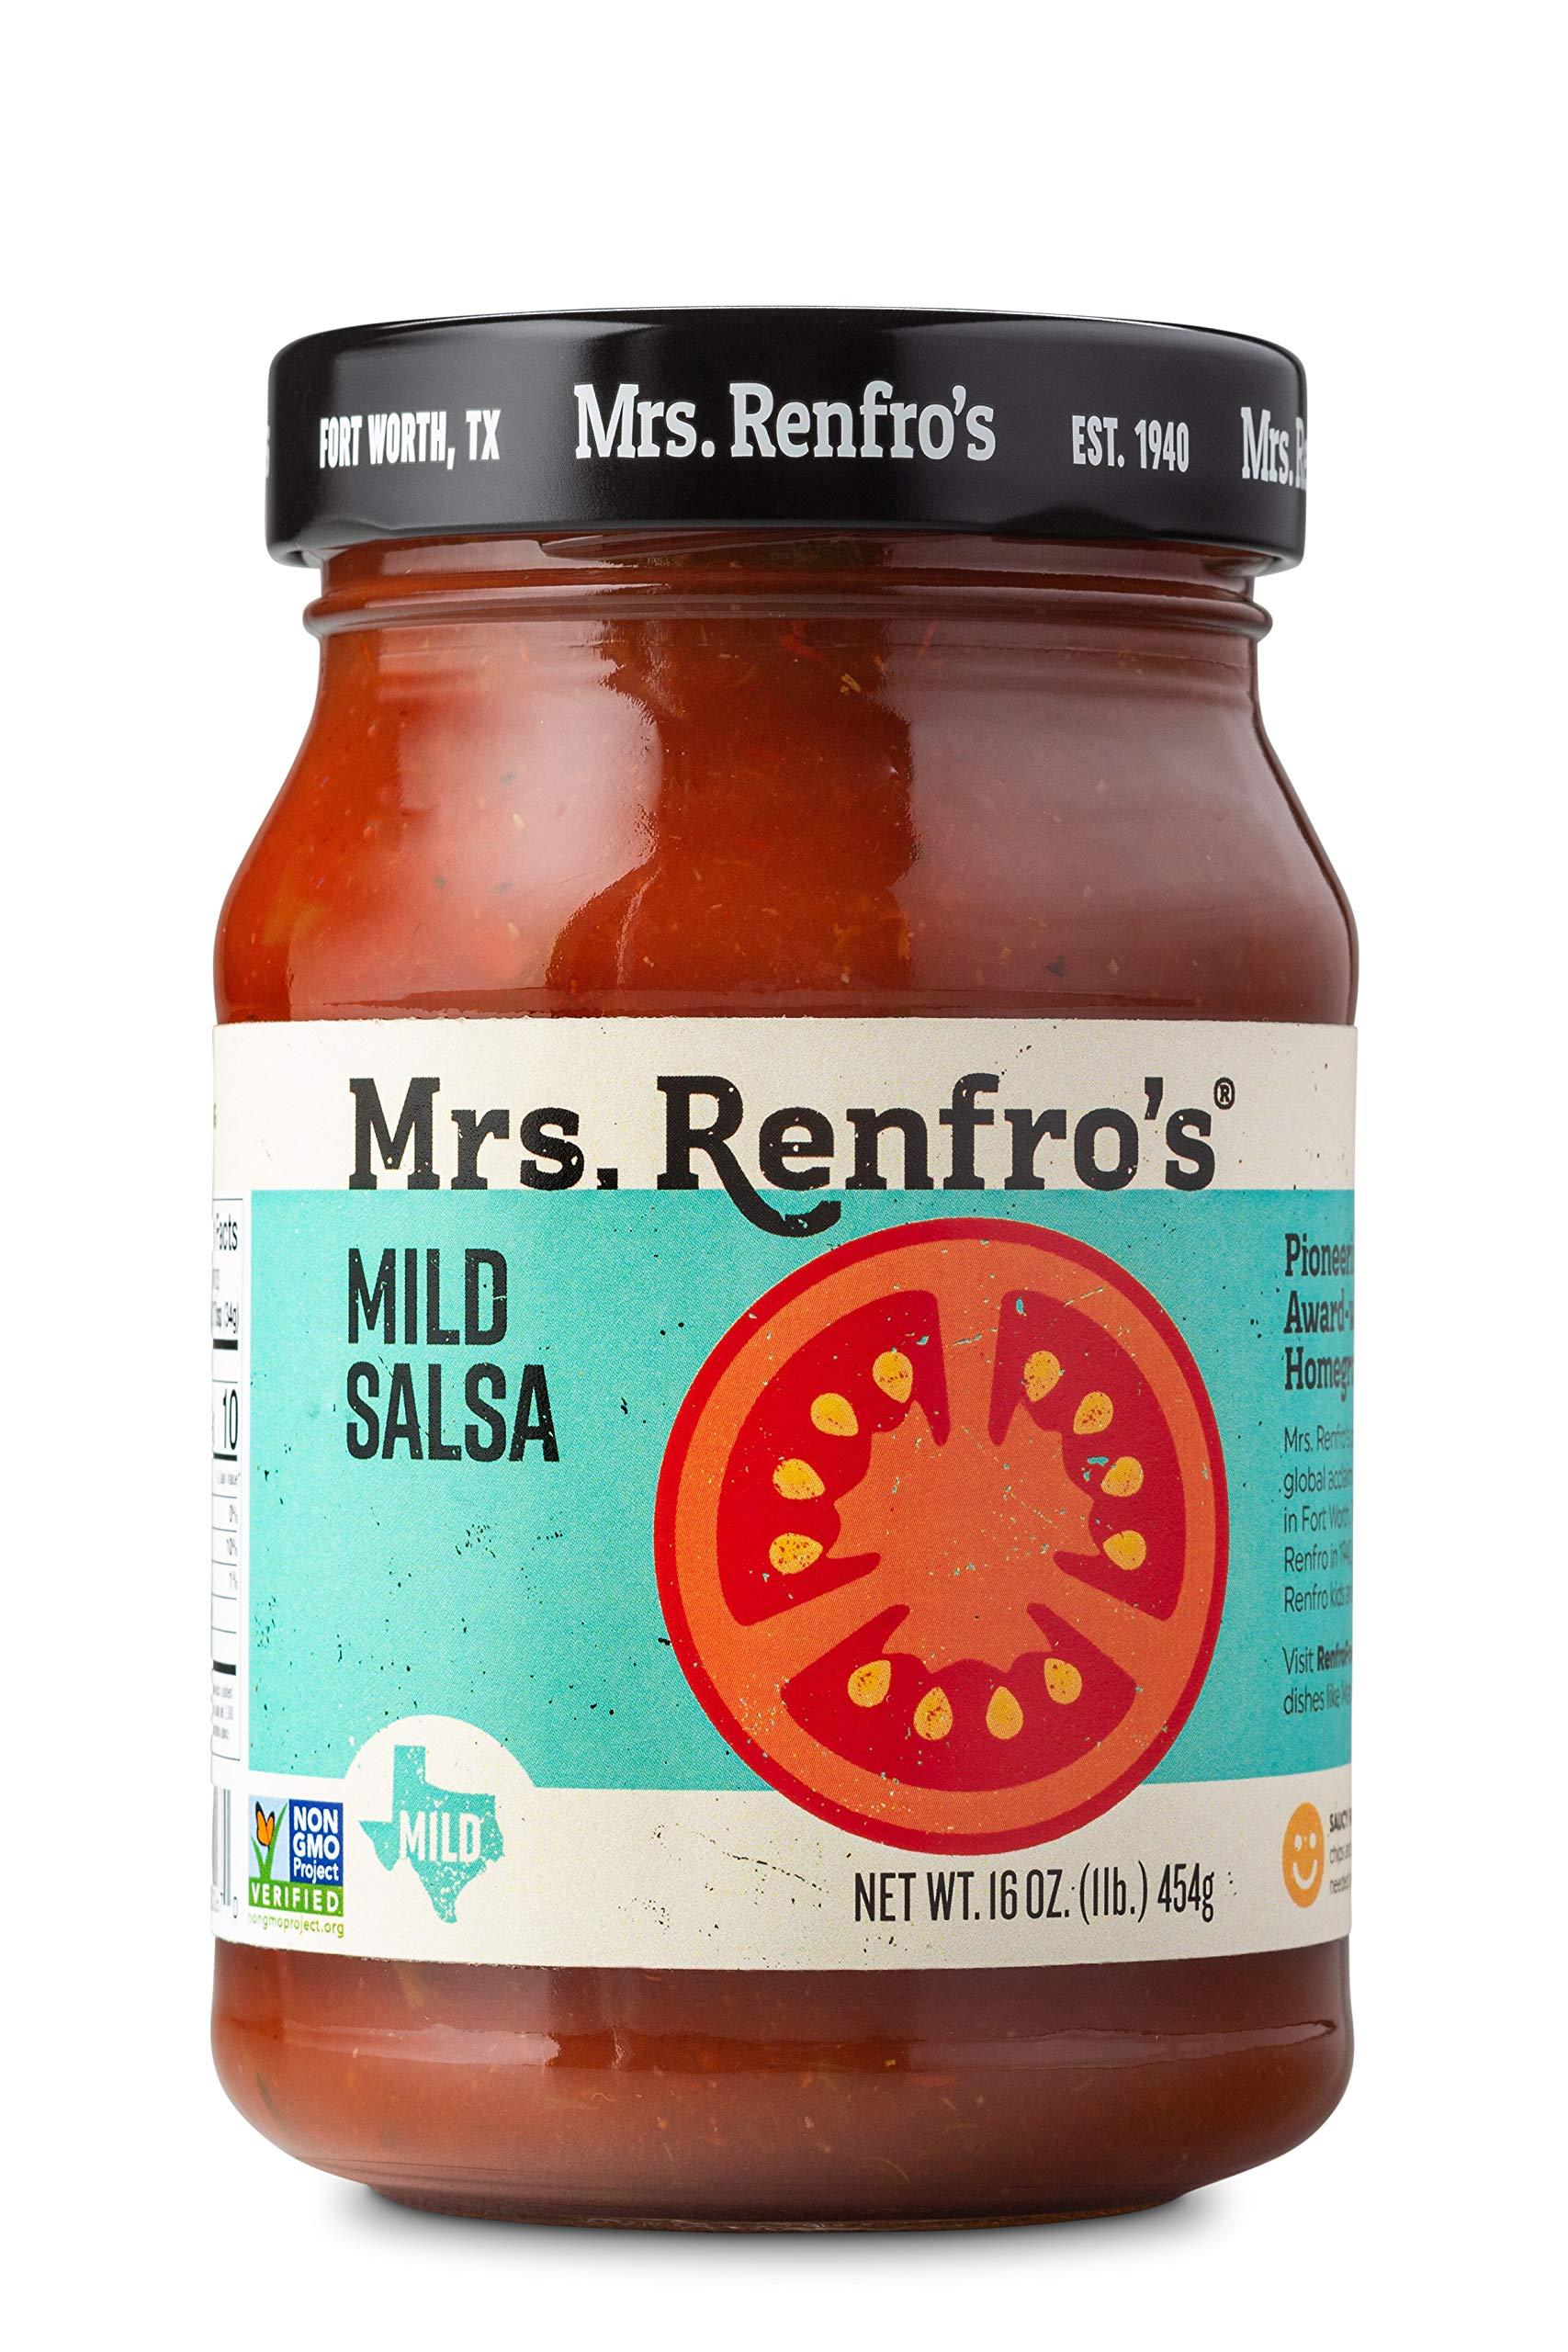 Mrs. Renfro's Mild Salsa, 16 oz (4 Pack) by Mrs. Renfro's